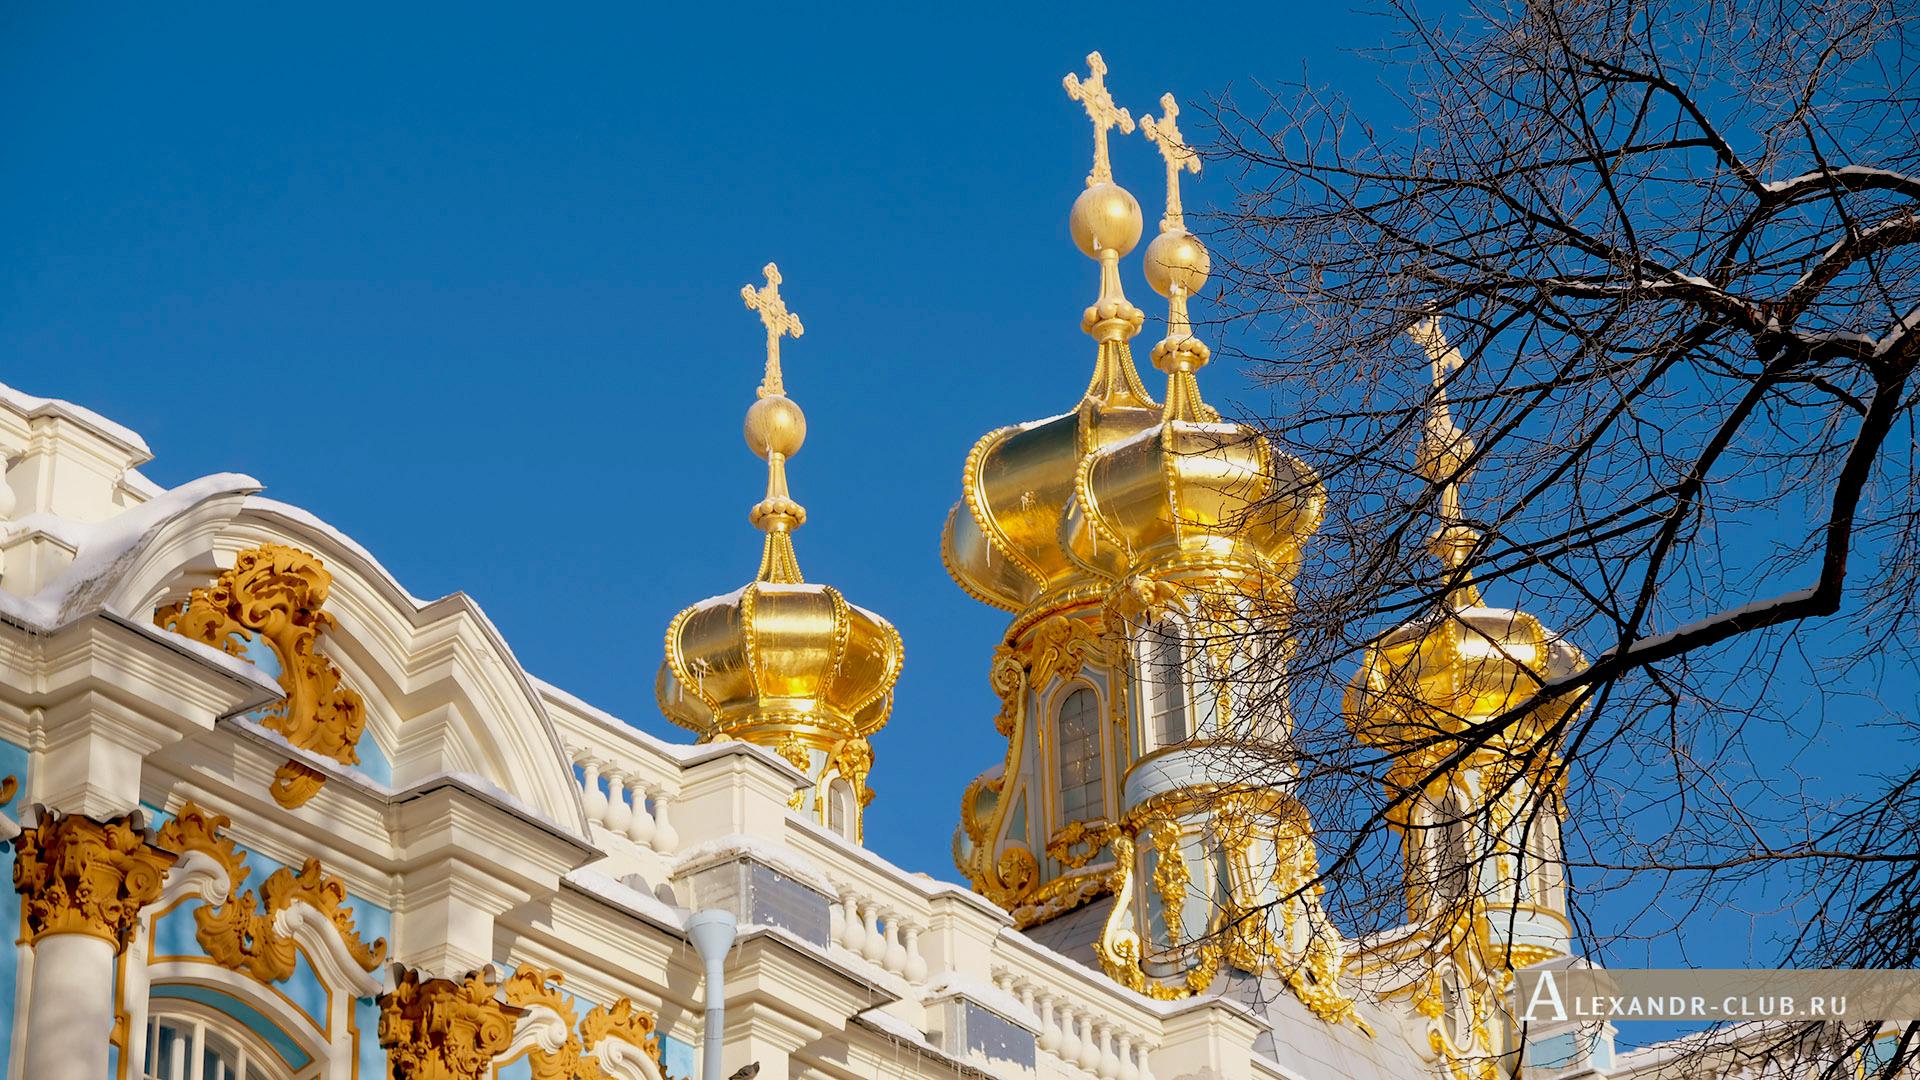 Царское Село, зима, Екатерининский парк, купола церкви Воскресения Христова